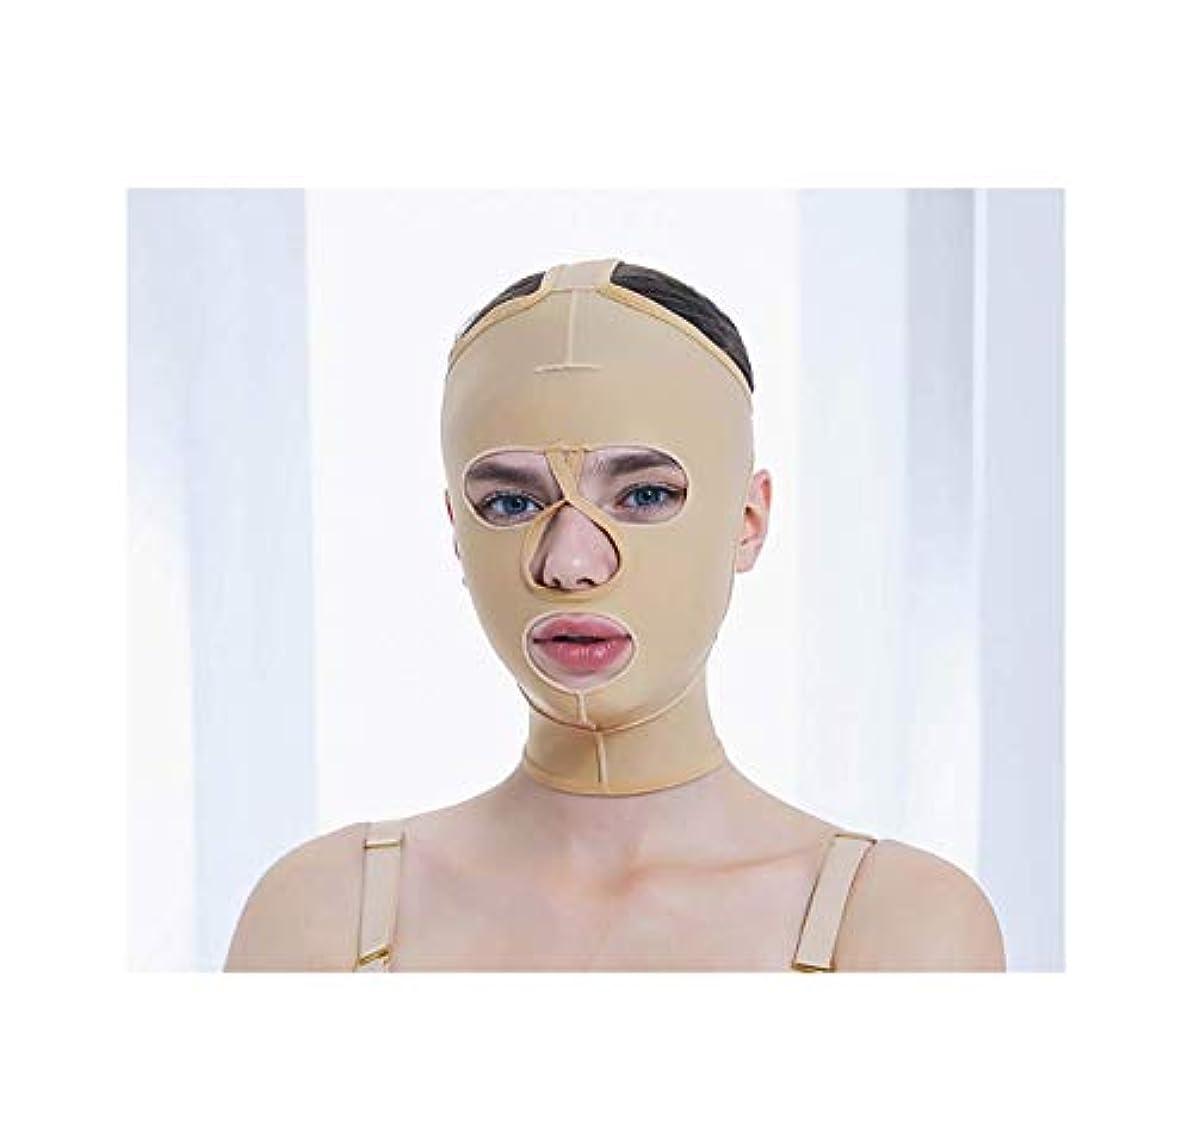 モロニック祖母隣接するフェイス&ネックリフト、減量フェイスマスク脂肪吸引術脂肪吸引整形マスクフードフェイスリフティングアーティファクトVフェイスビームフェイス弾性スリーブ(サイズ:XS),XS